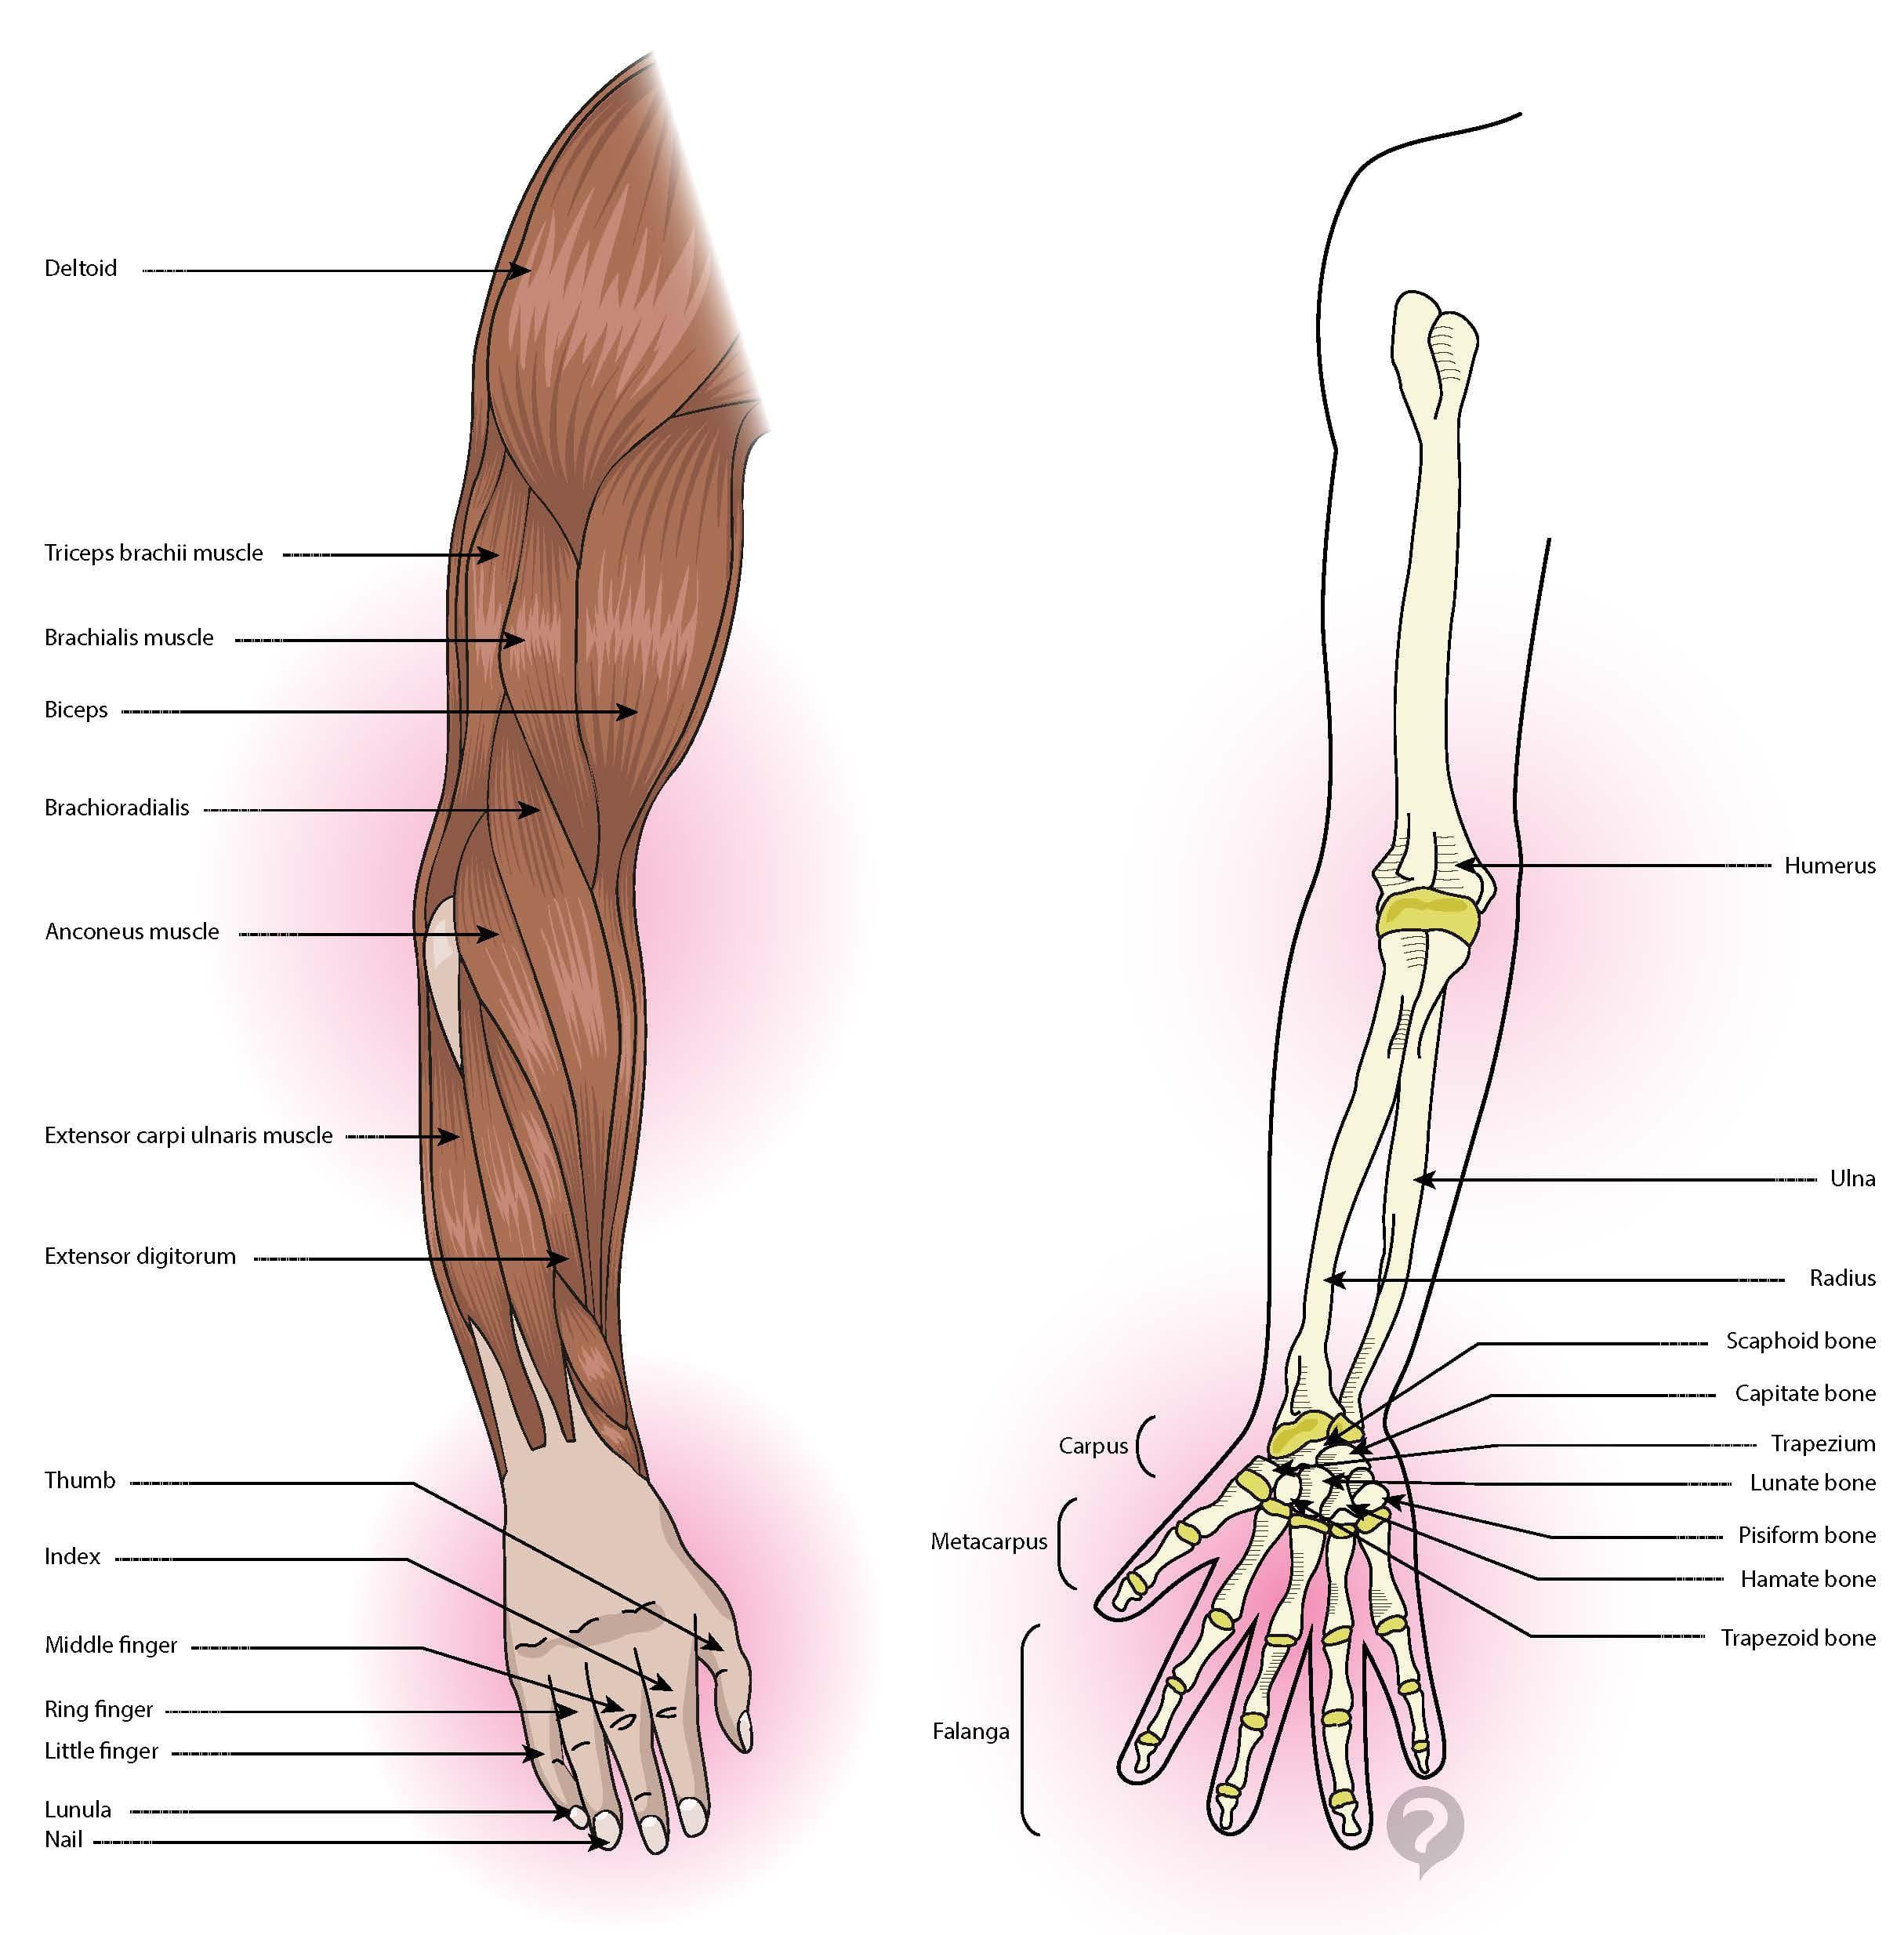 Fantastisch Menschliche Anatomie Definition Fotos - Menschliche ...